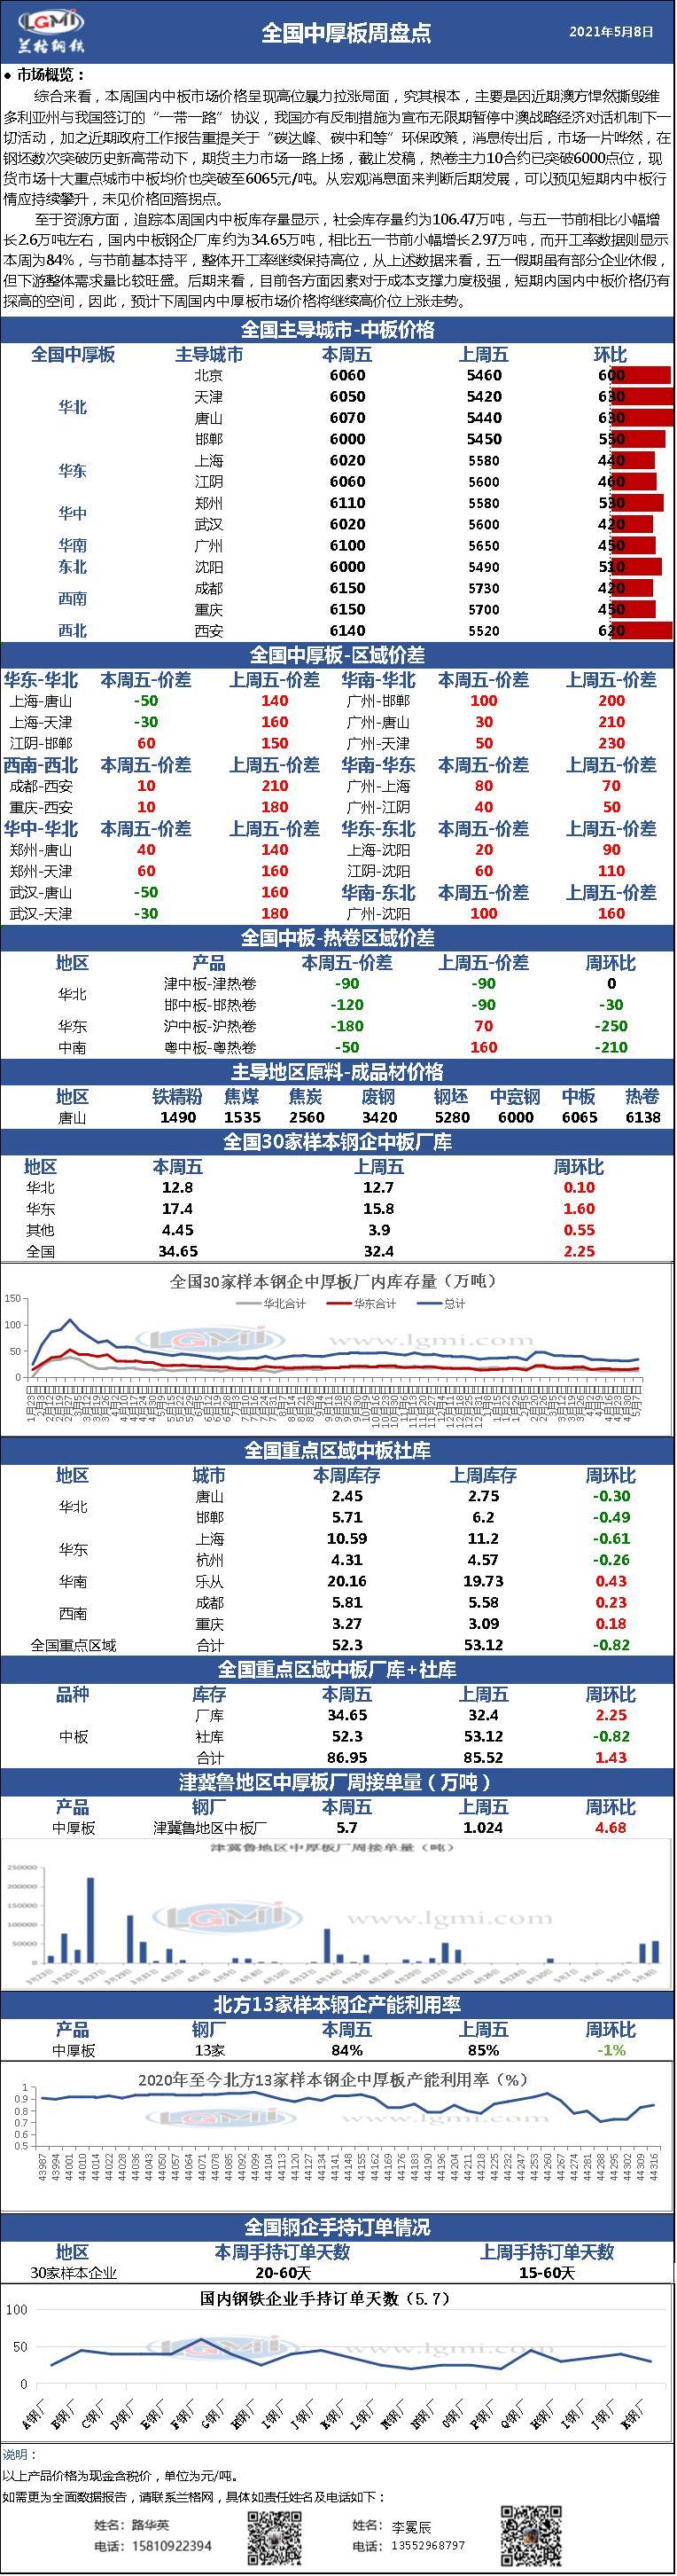 兰格中厚板周盘点(5.8):国内中厚板价格继续冲高 中板钢企高价位接单持续上量